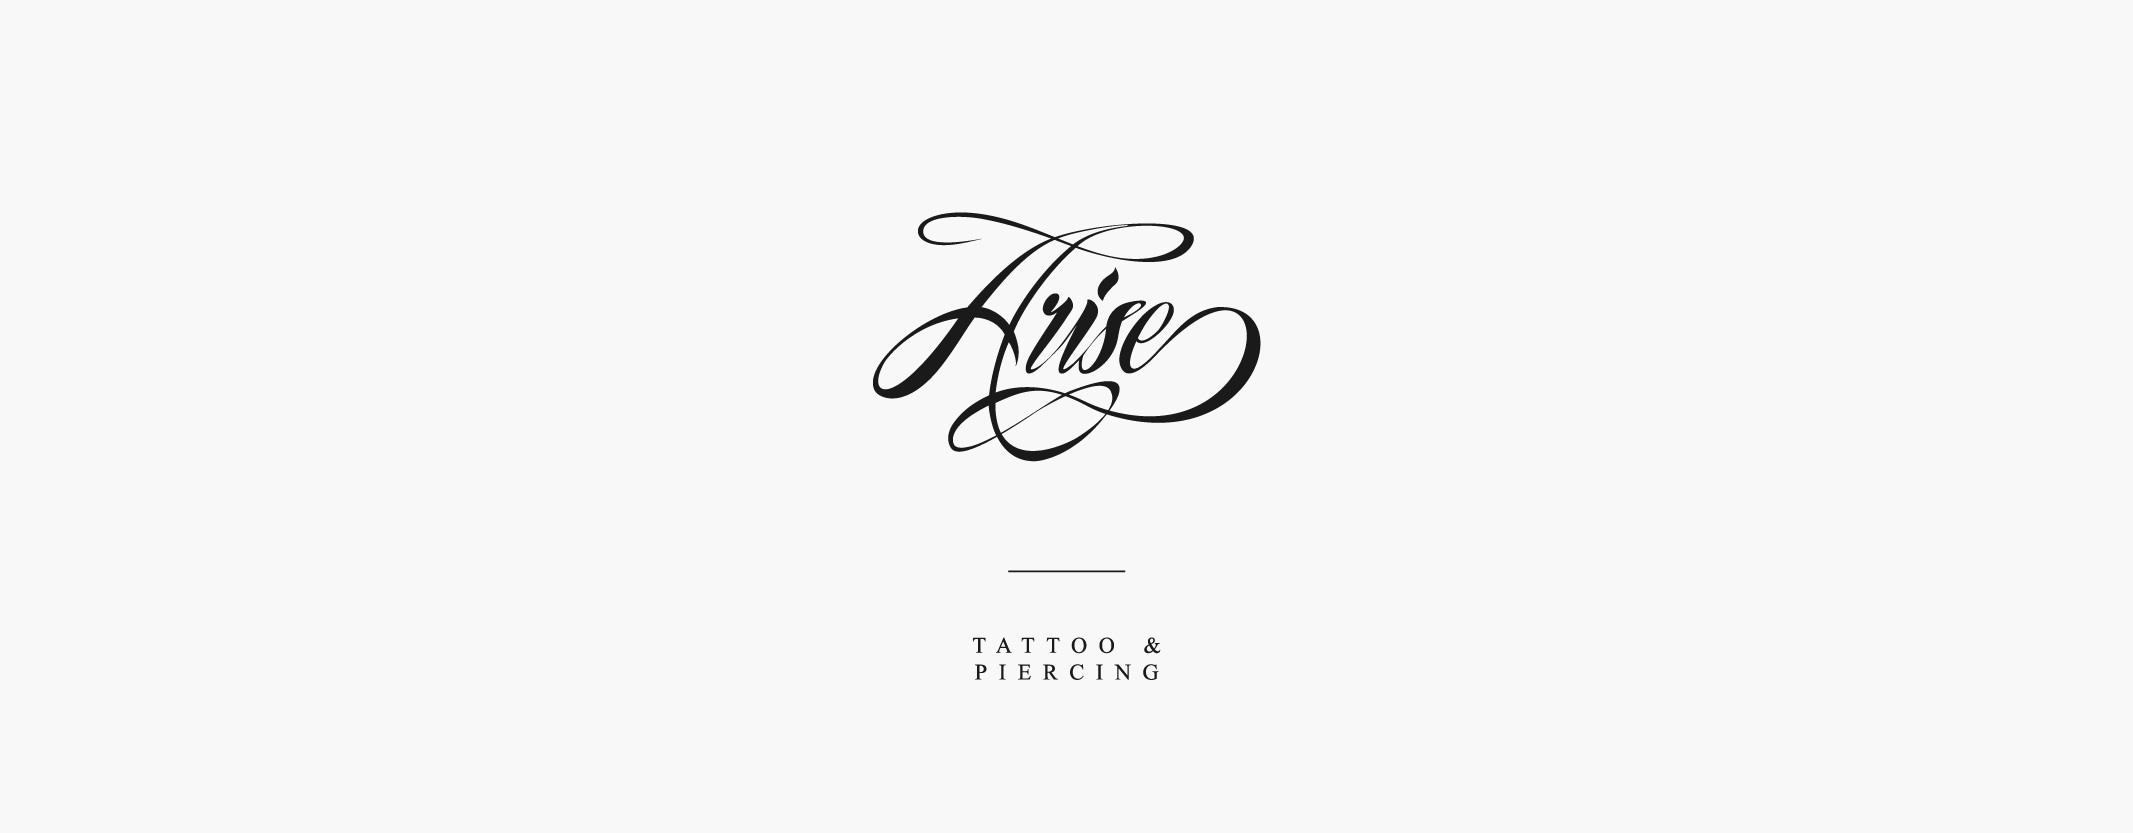 27_logos_arise